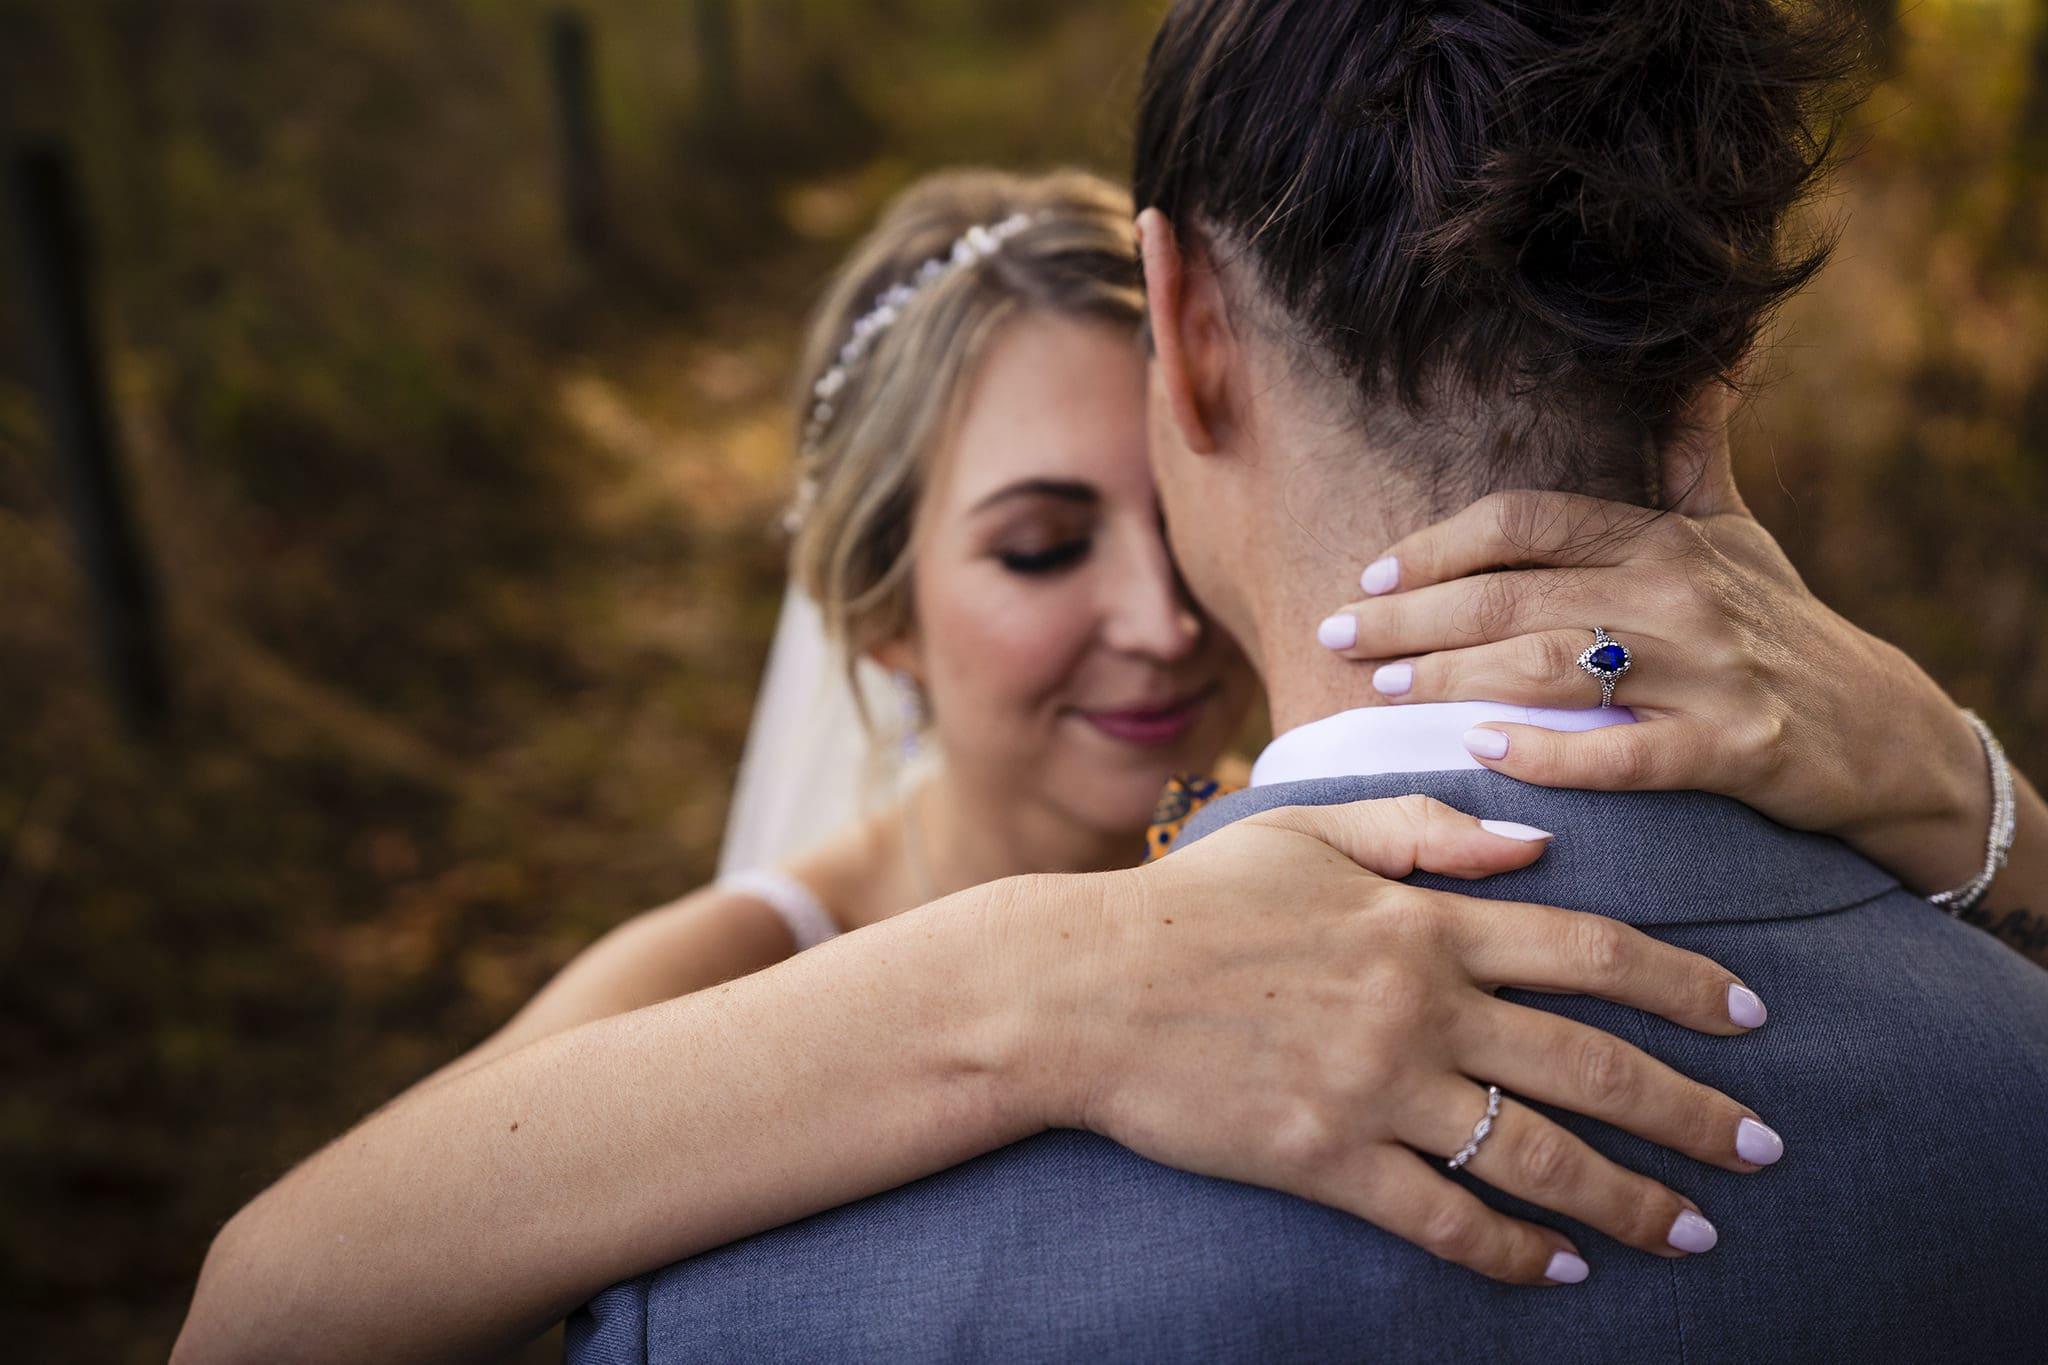 Bride wraps arms around groom